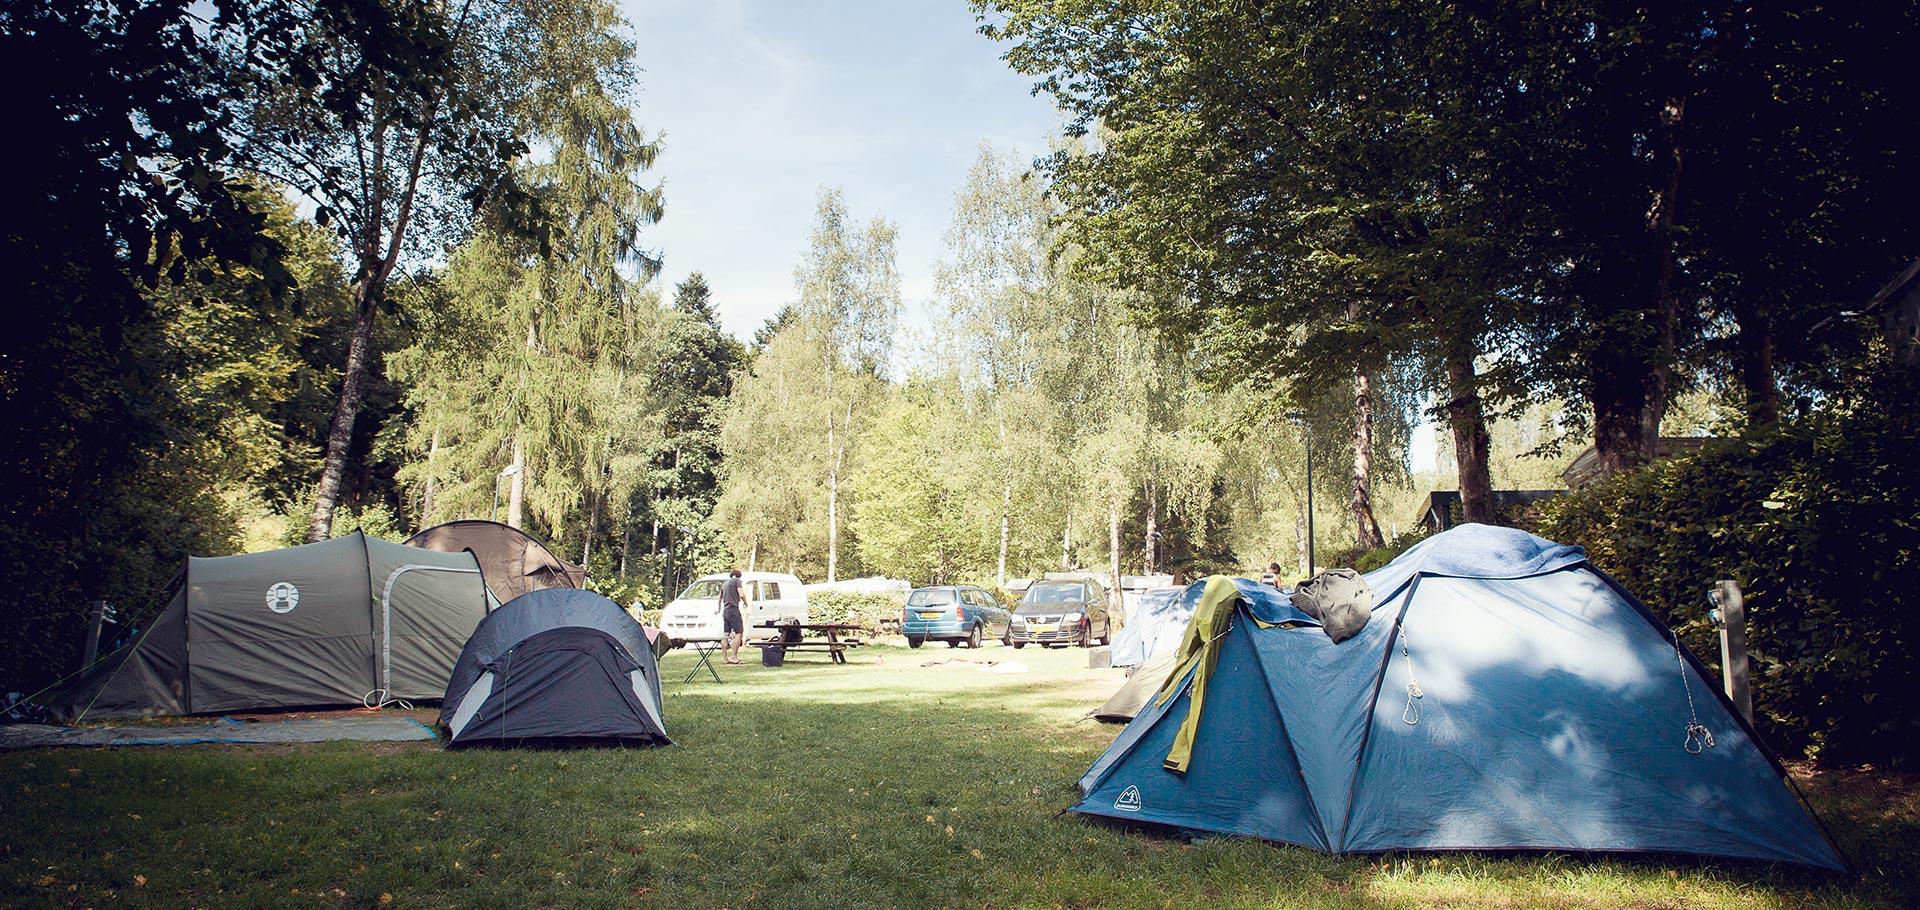 Camping_Martbusch_Berdorf_Luxemburg_Unsere_Zeltwiese_01